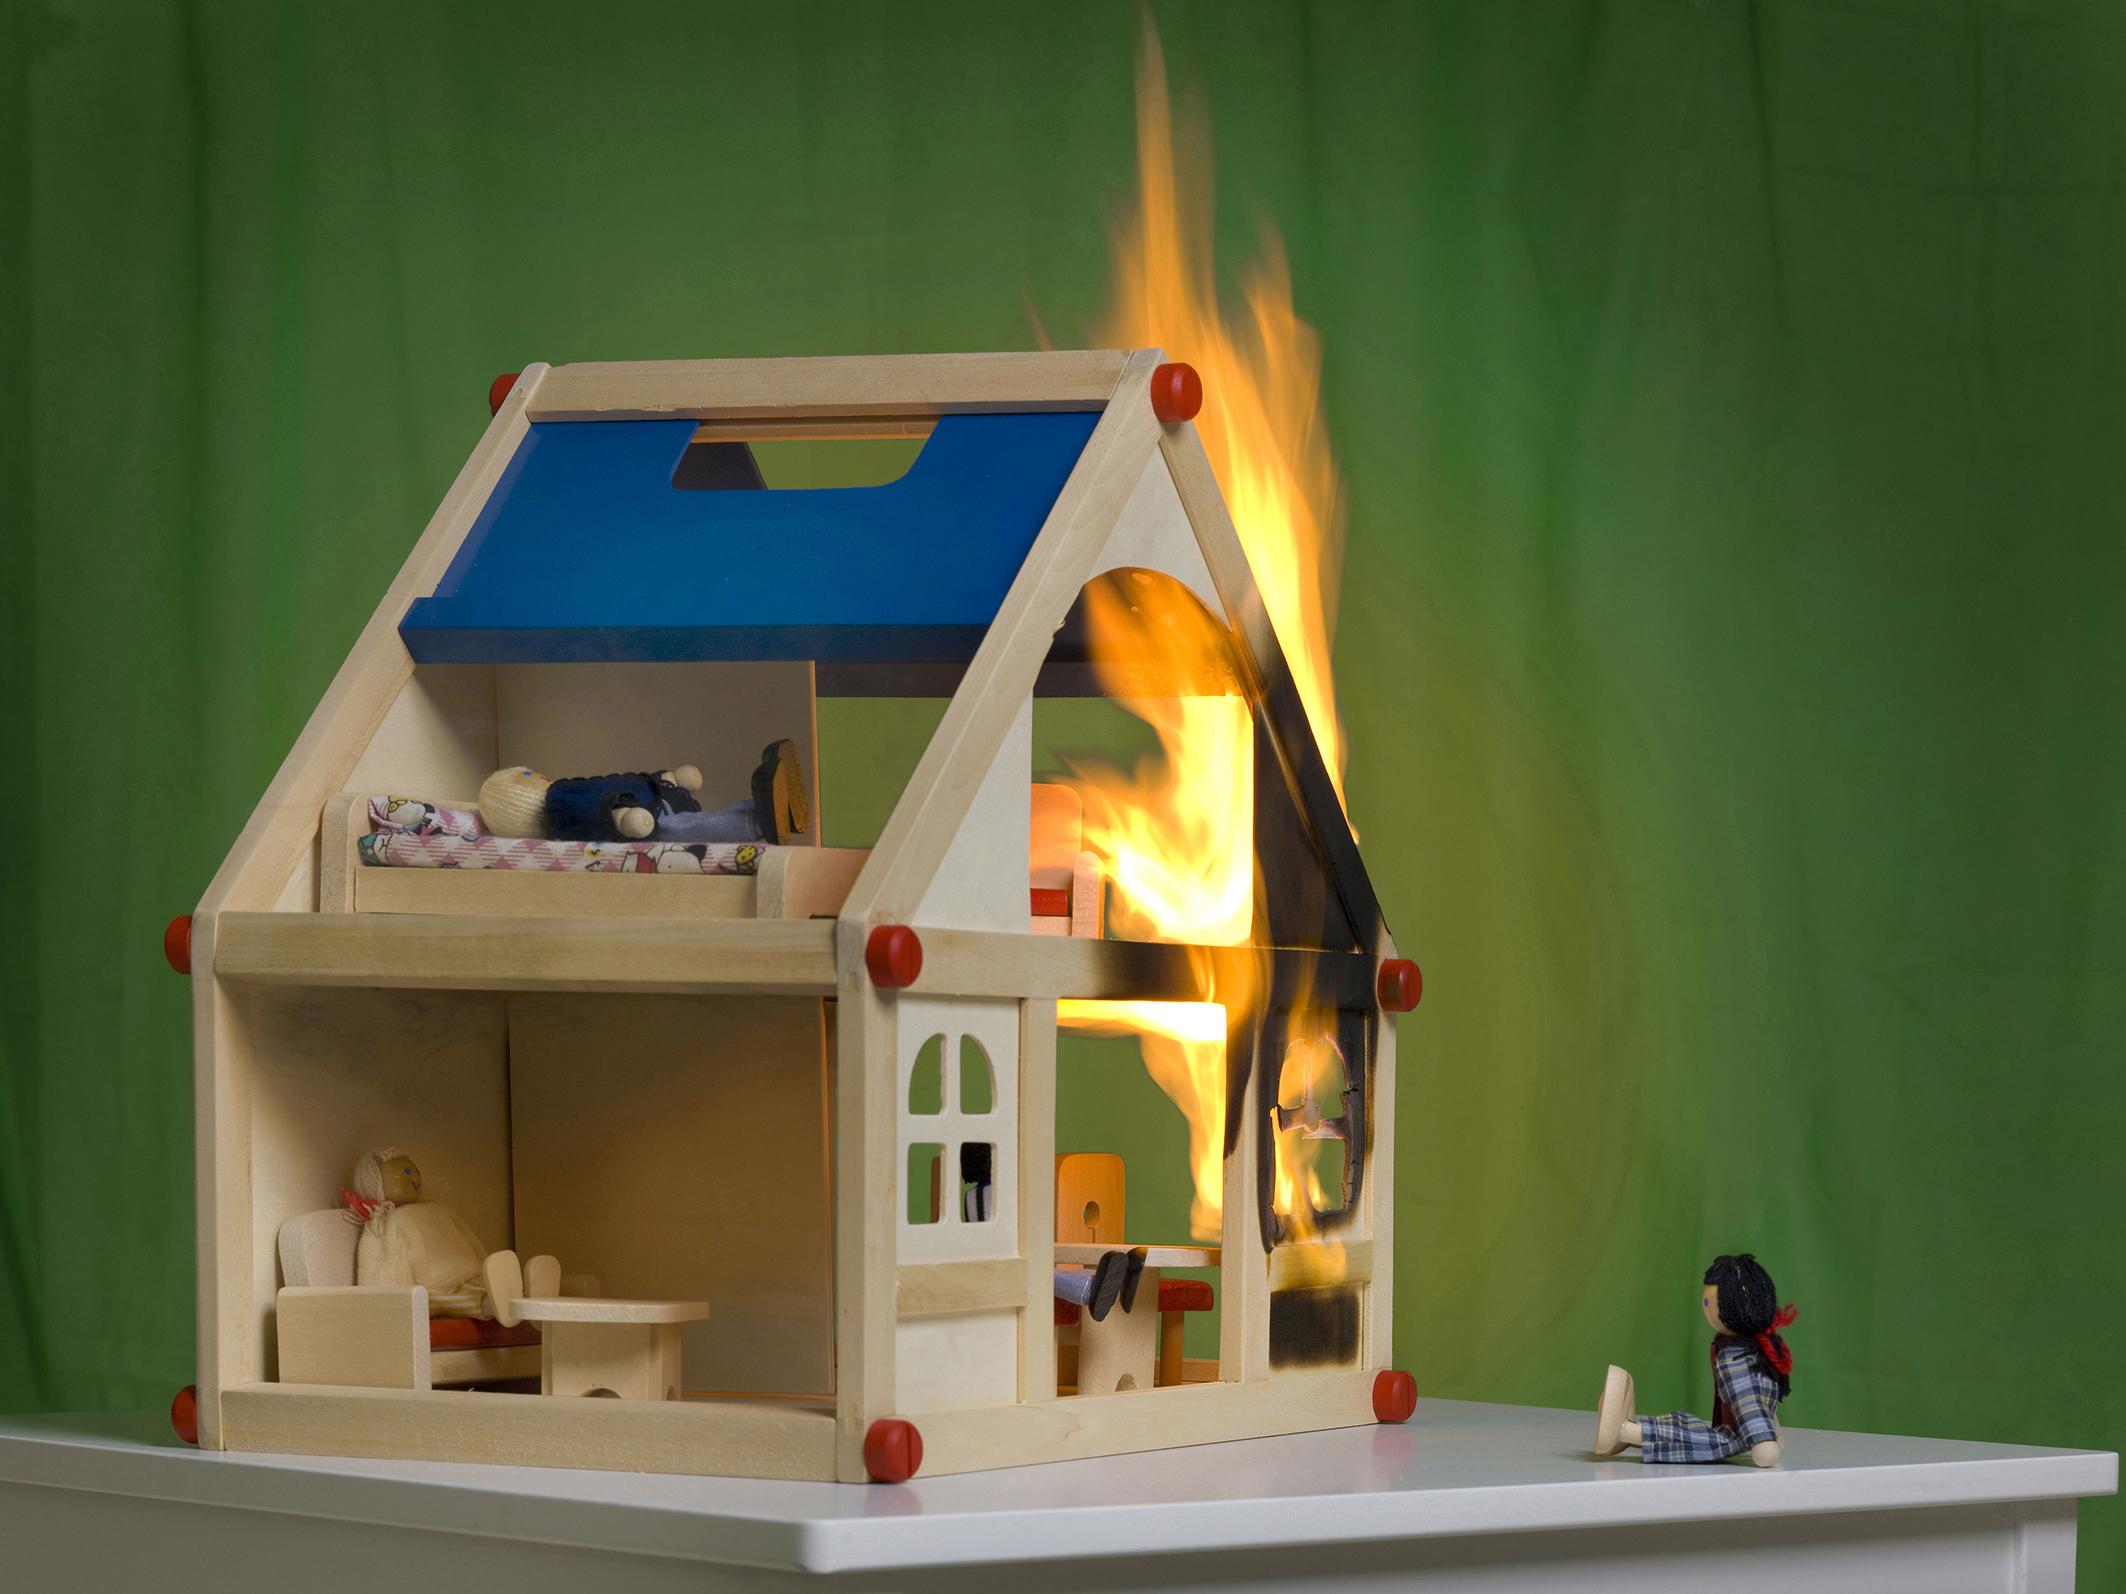 rauchmelderpflicht gilt auch f r selbstgenutzte immobilien freitag der 13 februar ist. Black Bedroom Furniture Sets. Home Design Ideas